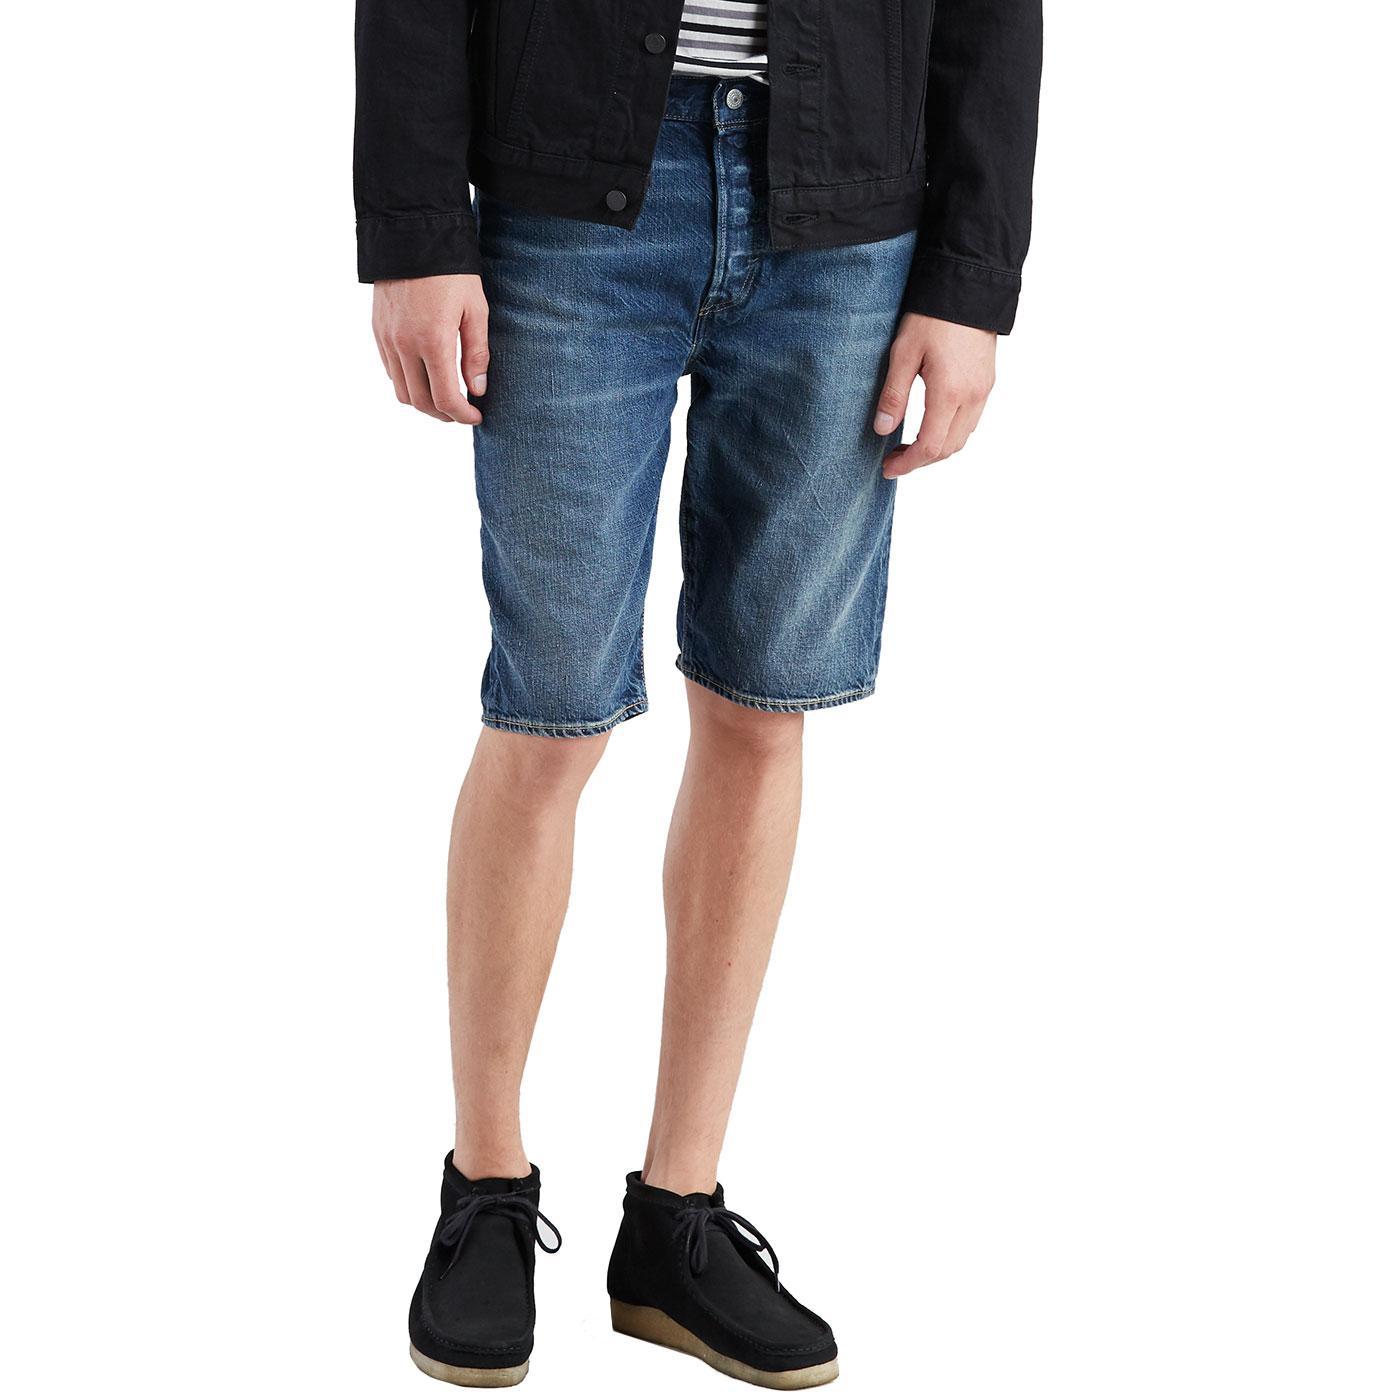 LEVI'S 501 Retro Denim Hemmed Shorts (Sour Patch)